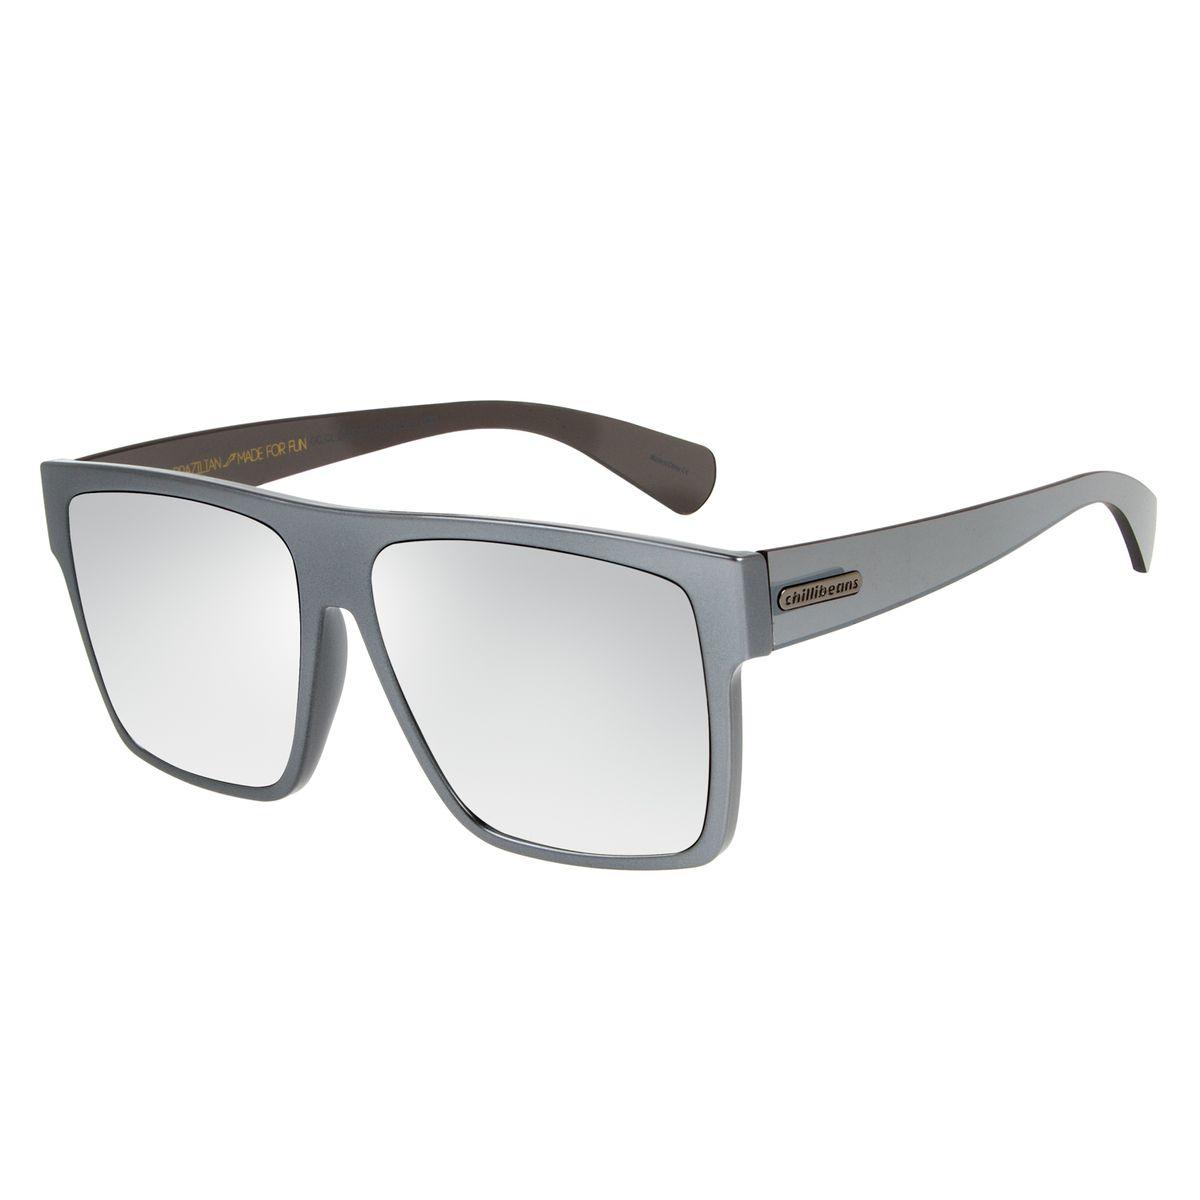 3ad2496a8 Óculos de Sol Masculino Chilli Beans Grafite 2545 - OC.CL.2545.3224 M. REF:  OC.CL.2545.3224. OC.